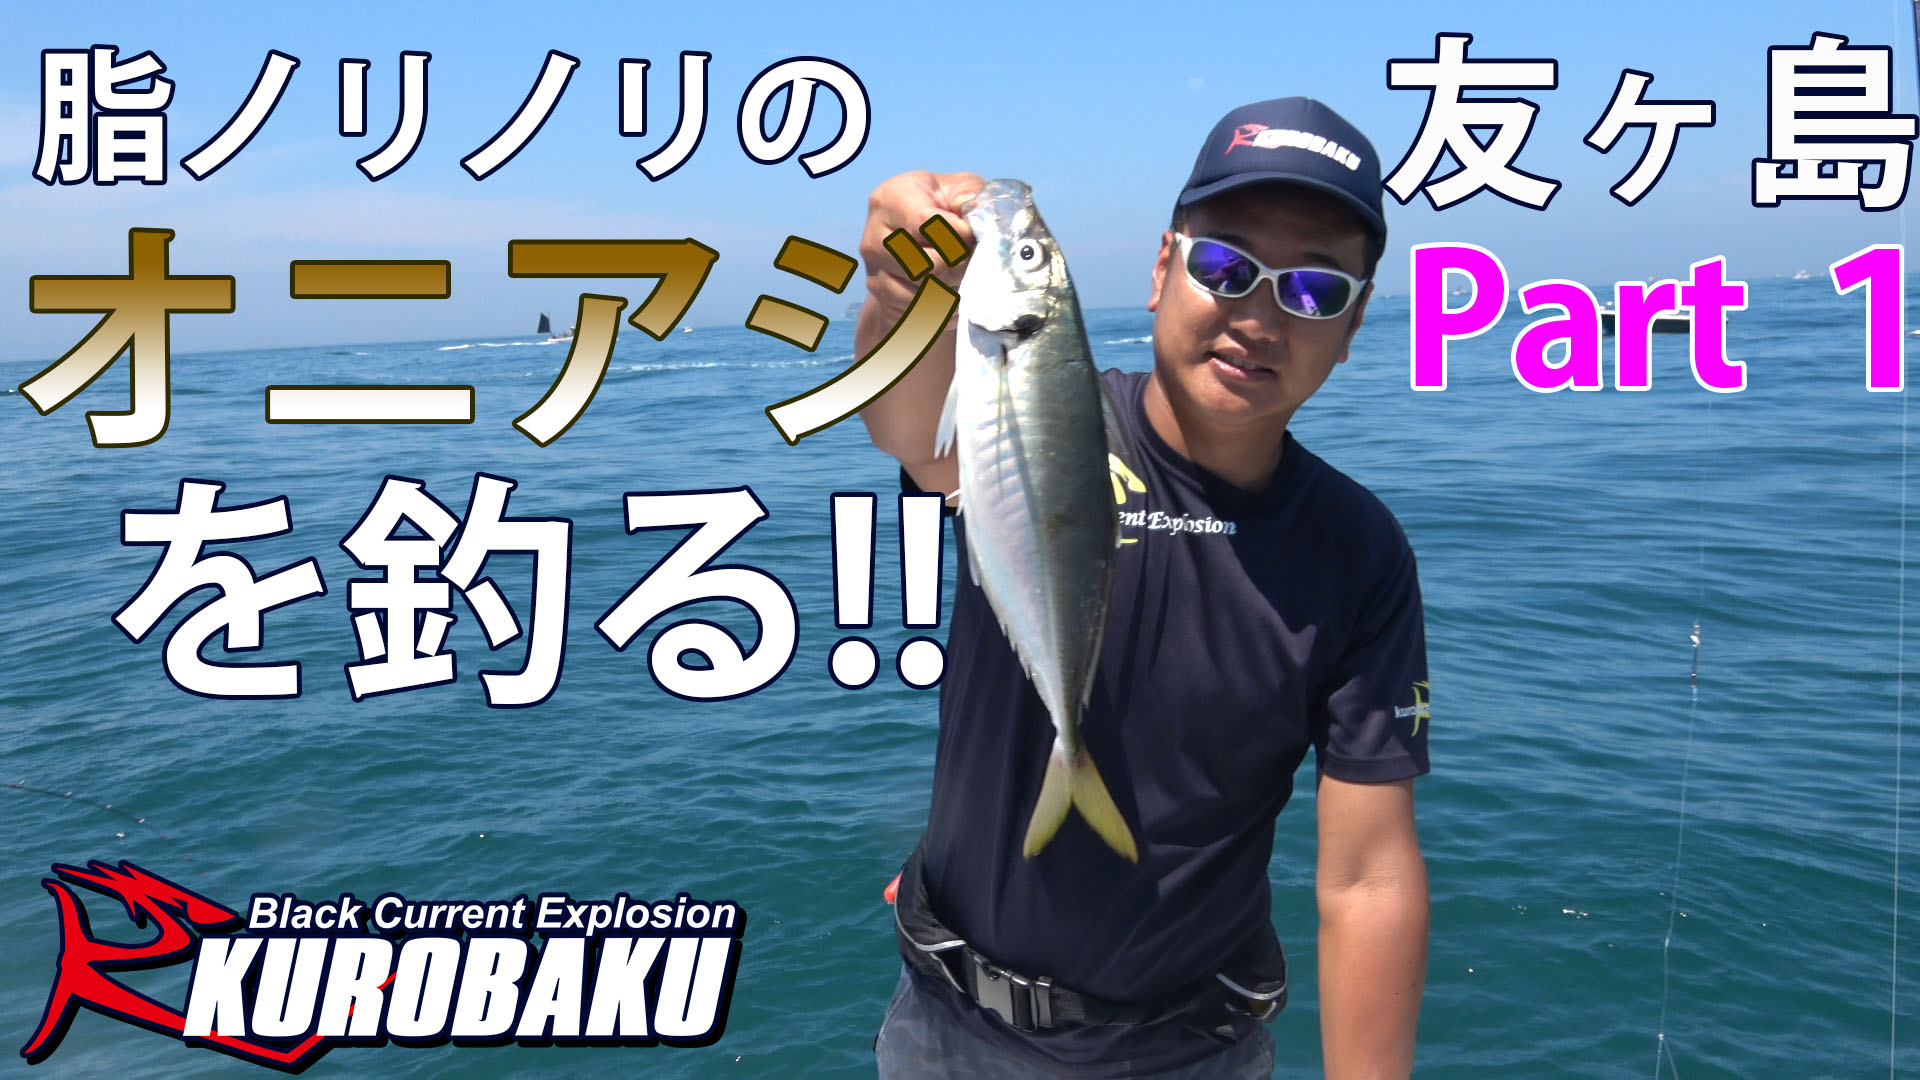 脂ノリノリのオニアジを釣る!! 友ヶ島 Part1のサムネイル画像